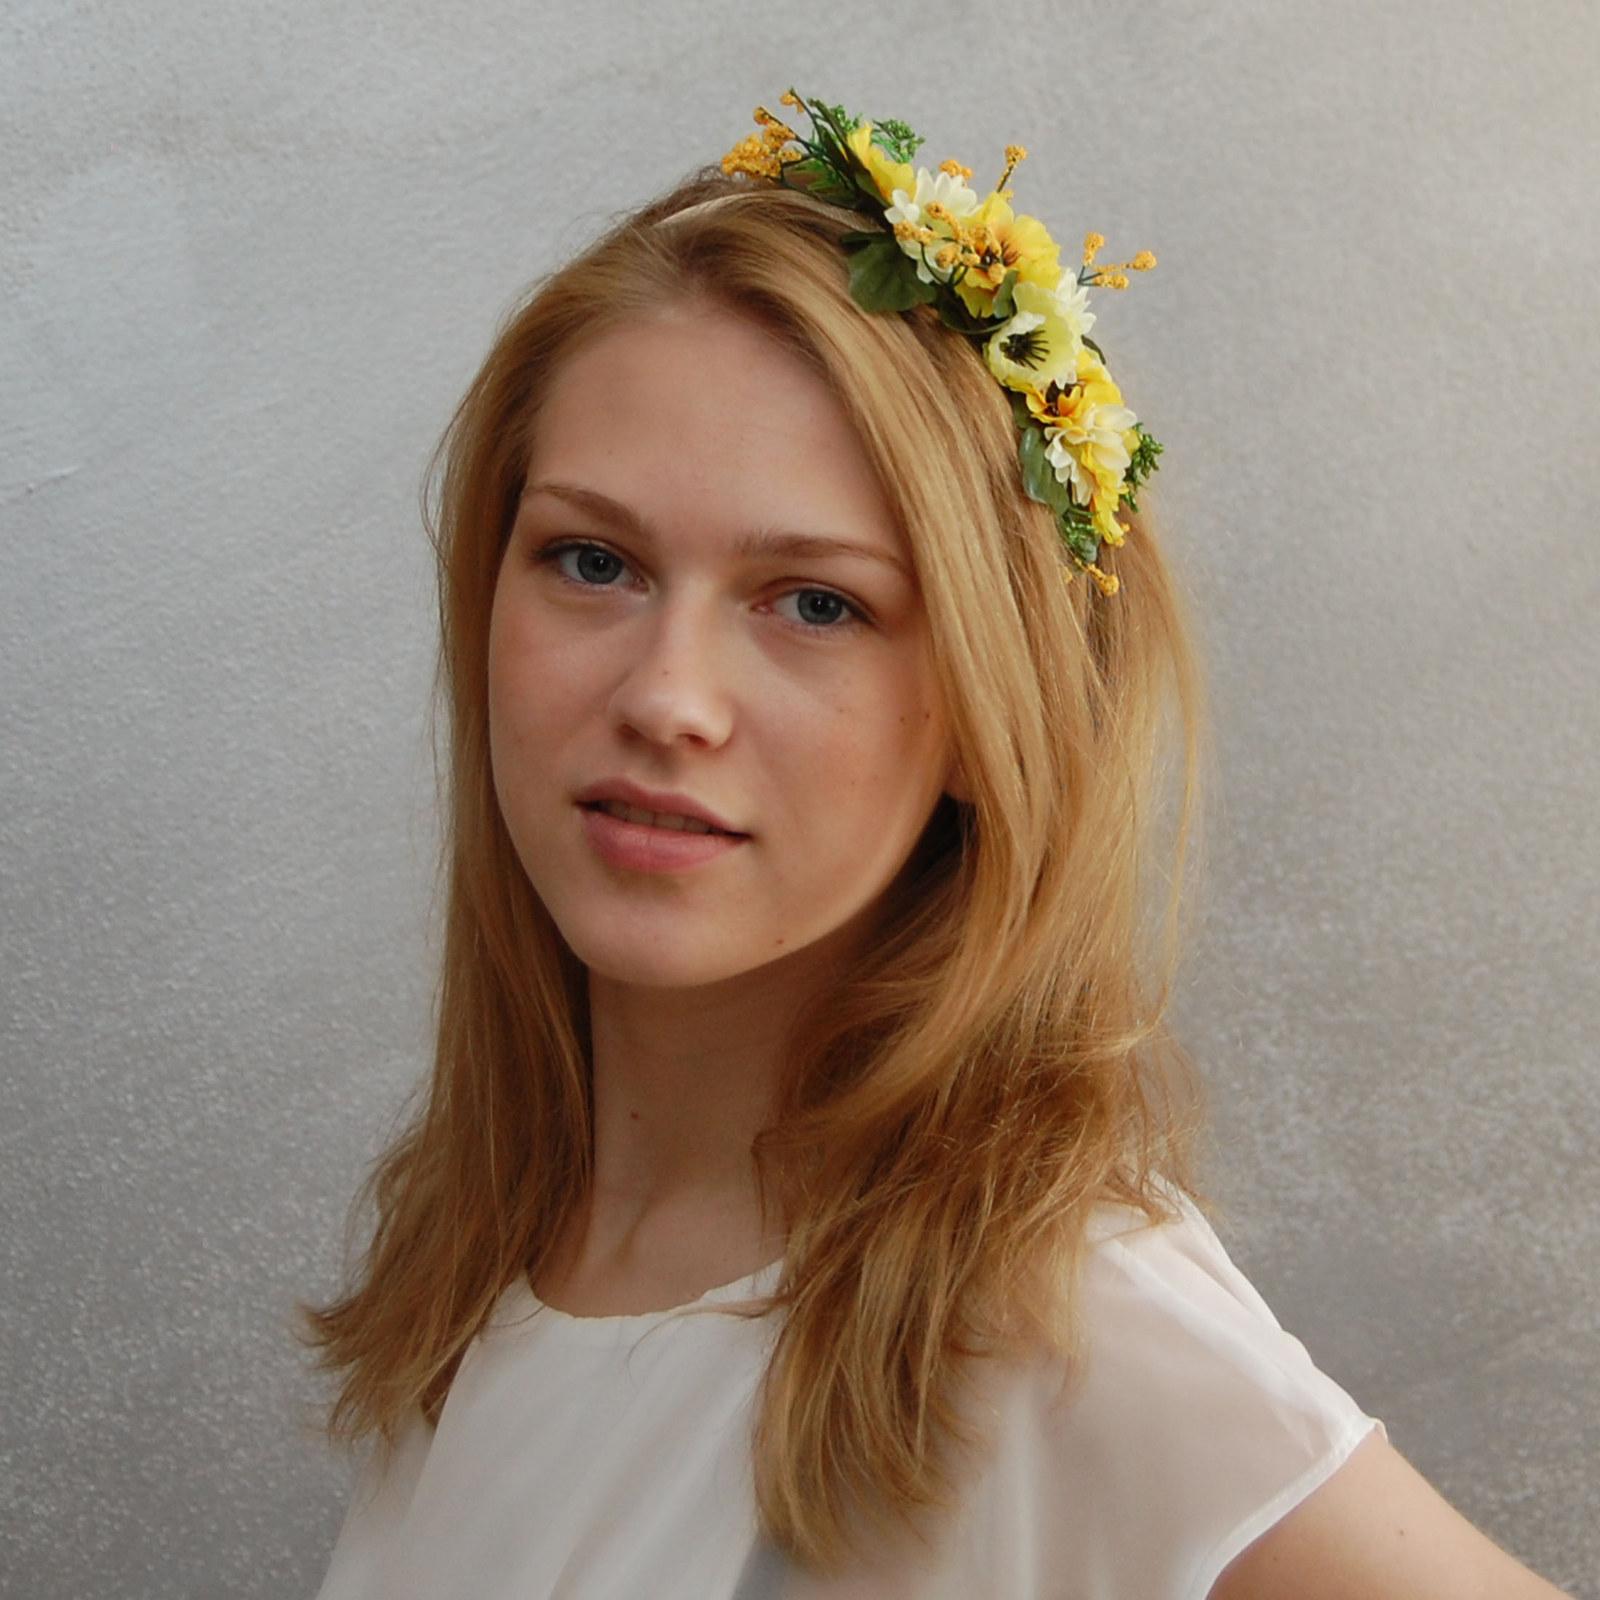 Letní kytice polních květin...čelenka sleva   Zboží prodejce Maria ... 0034e4110f